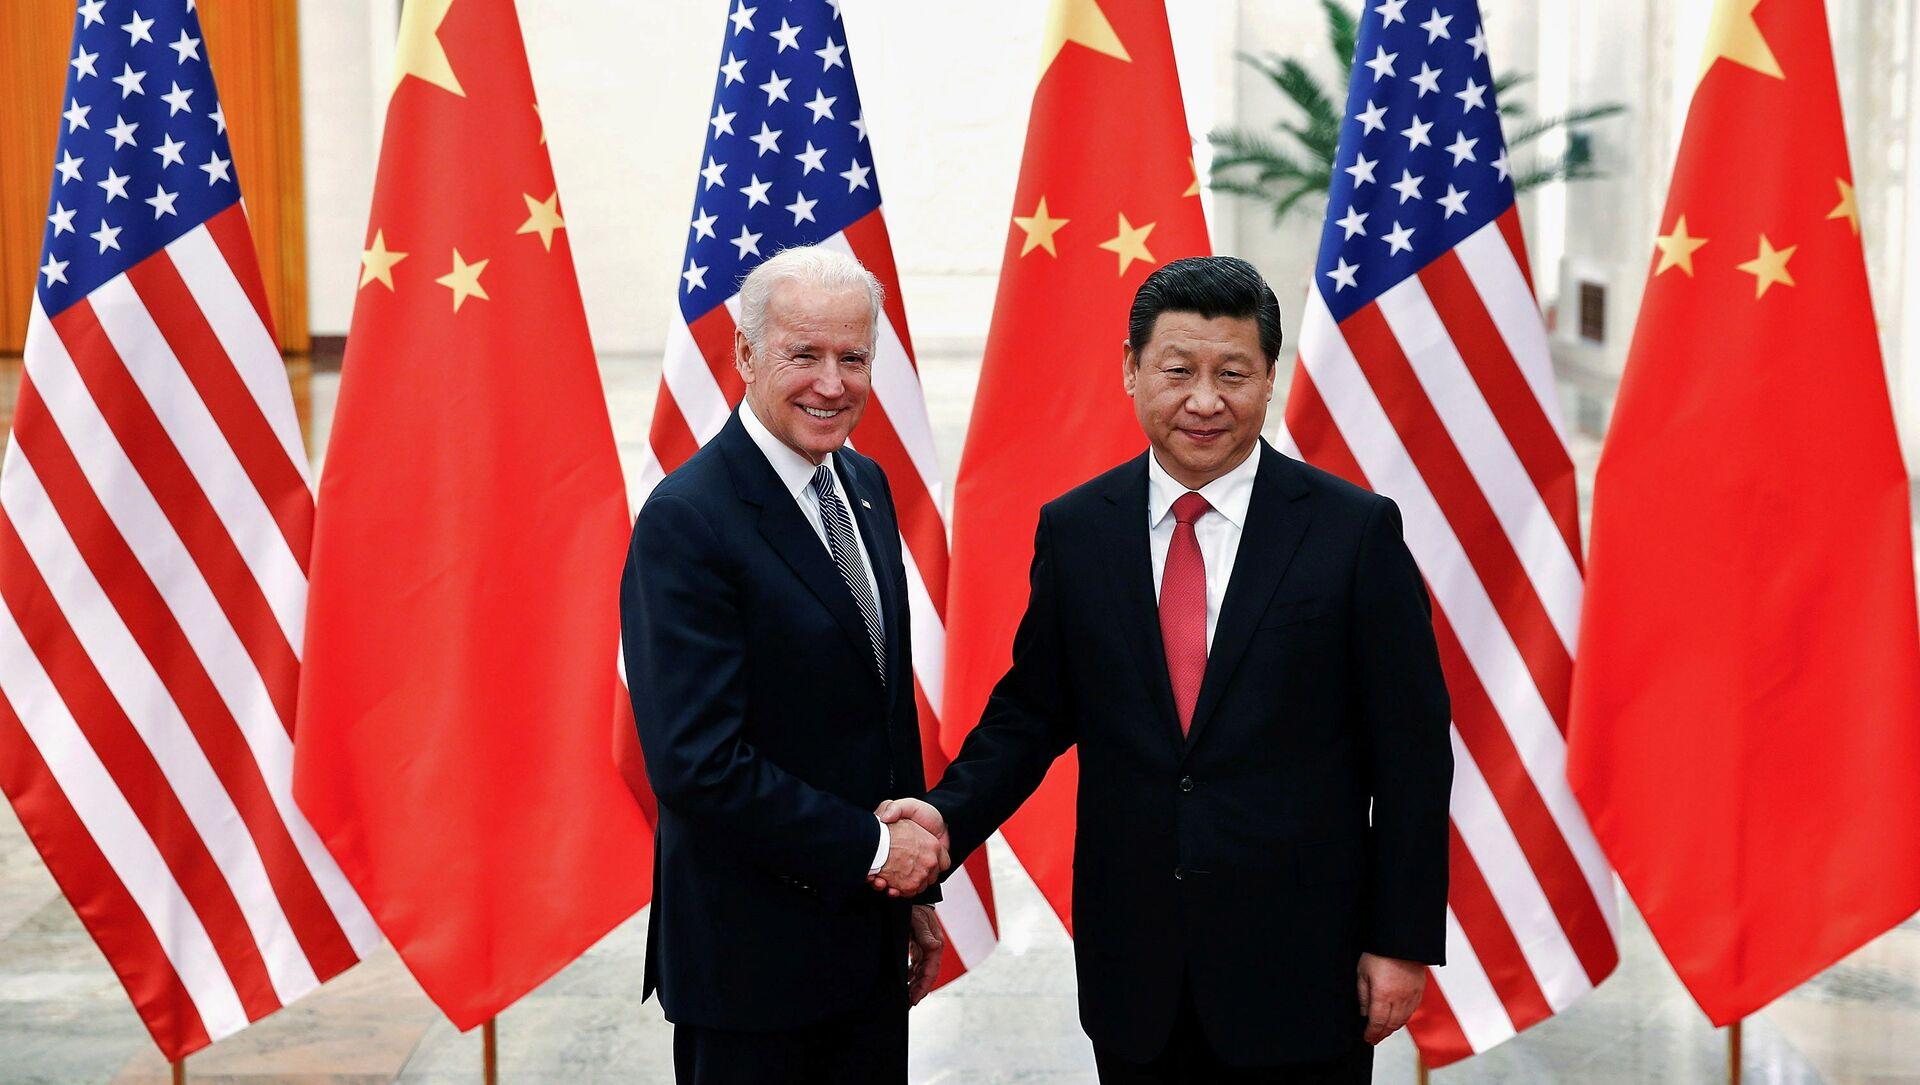 Chủ tịch Cộng hòa Nhân dân Trung Hoa Tập Cận Bình và Phó Tổng thống Joe Biden tại Bắc Kinh, 2013 - Sputnik Việt Nam, 1920, 16.09.2021